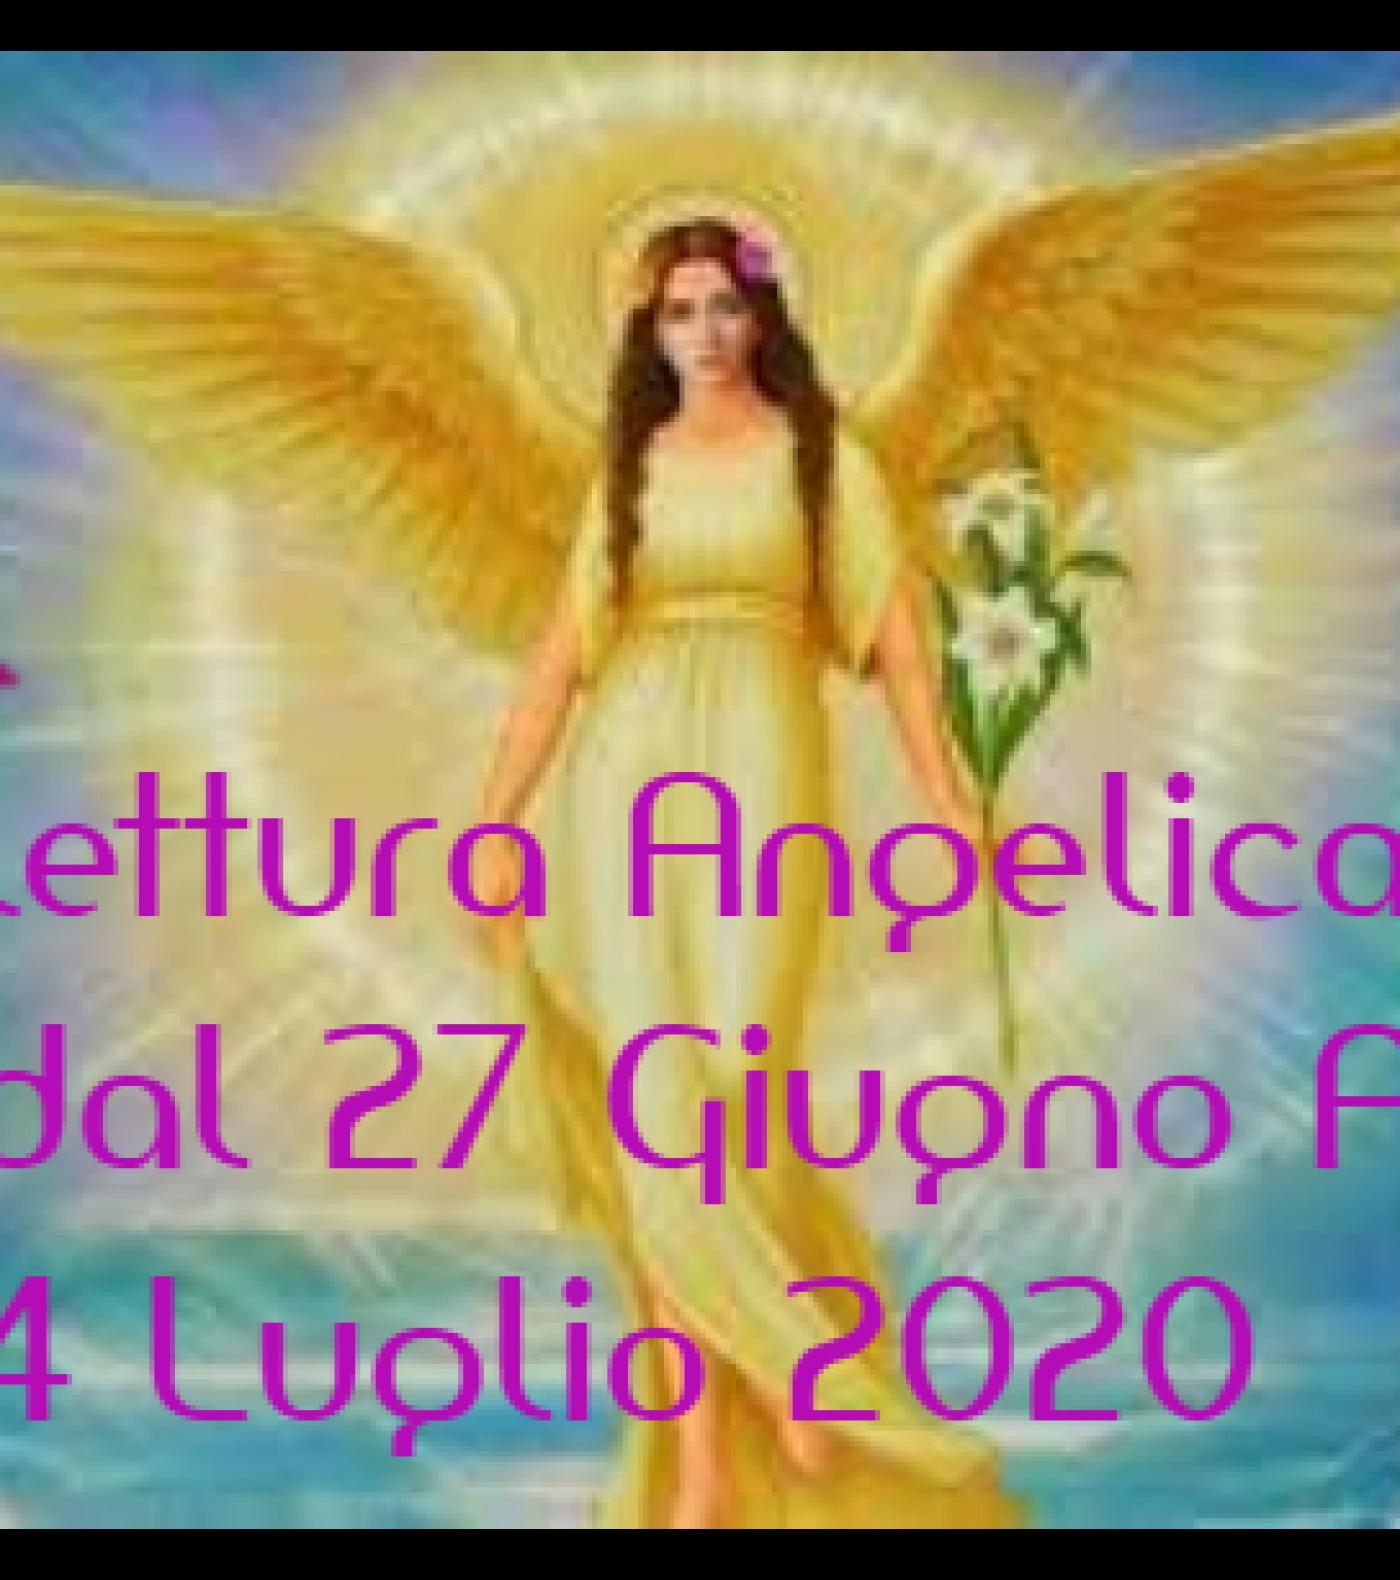 ROSSELLA PANI: LETTURA ANGELICA SETTIMANALE CON LE CARTE E COME CONNESSIONE DIRETTA CON L'ARCANGELO MICHELE DAl 27 GIUGNO AL 4 LUGLIO 2020.